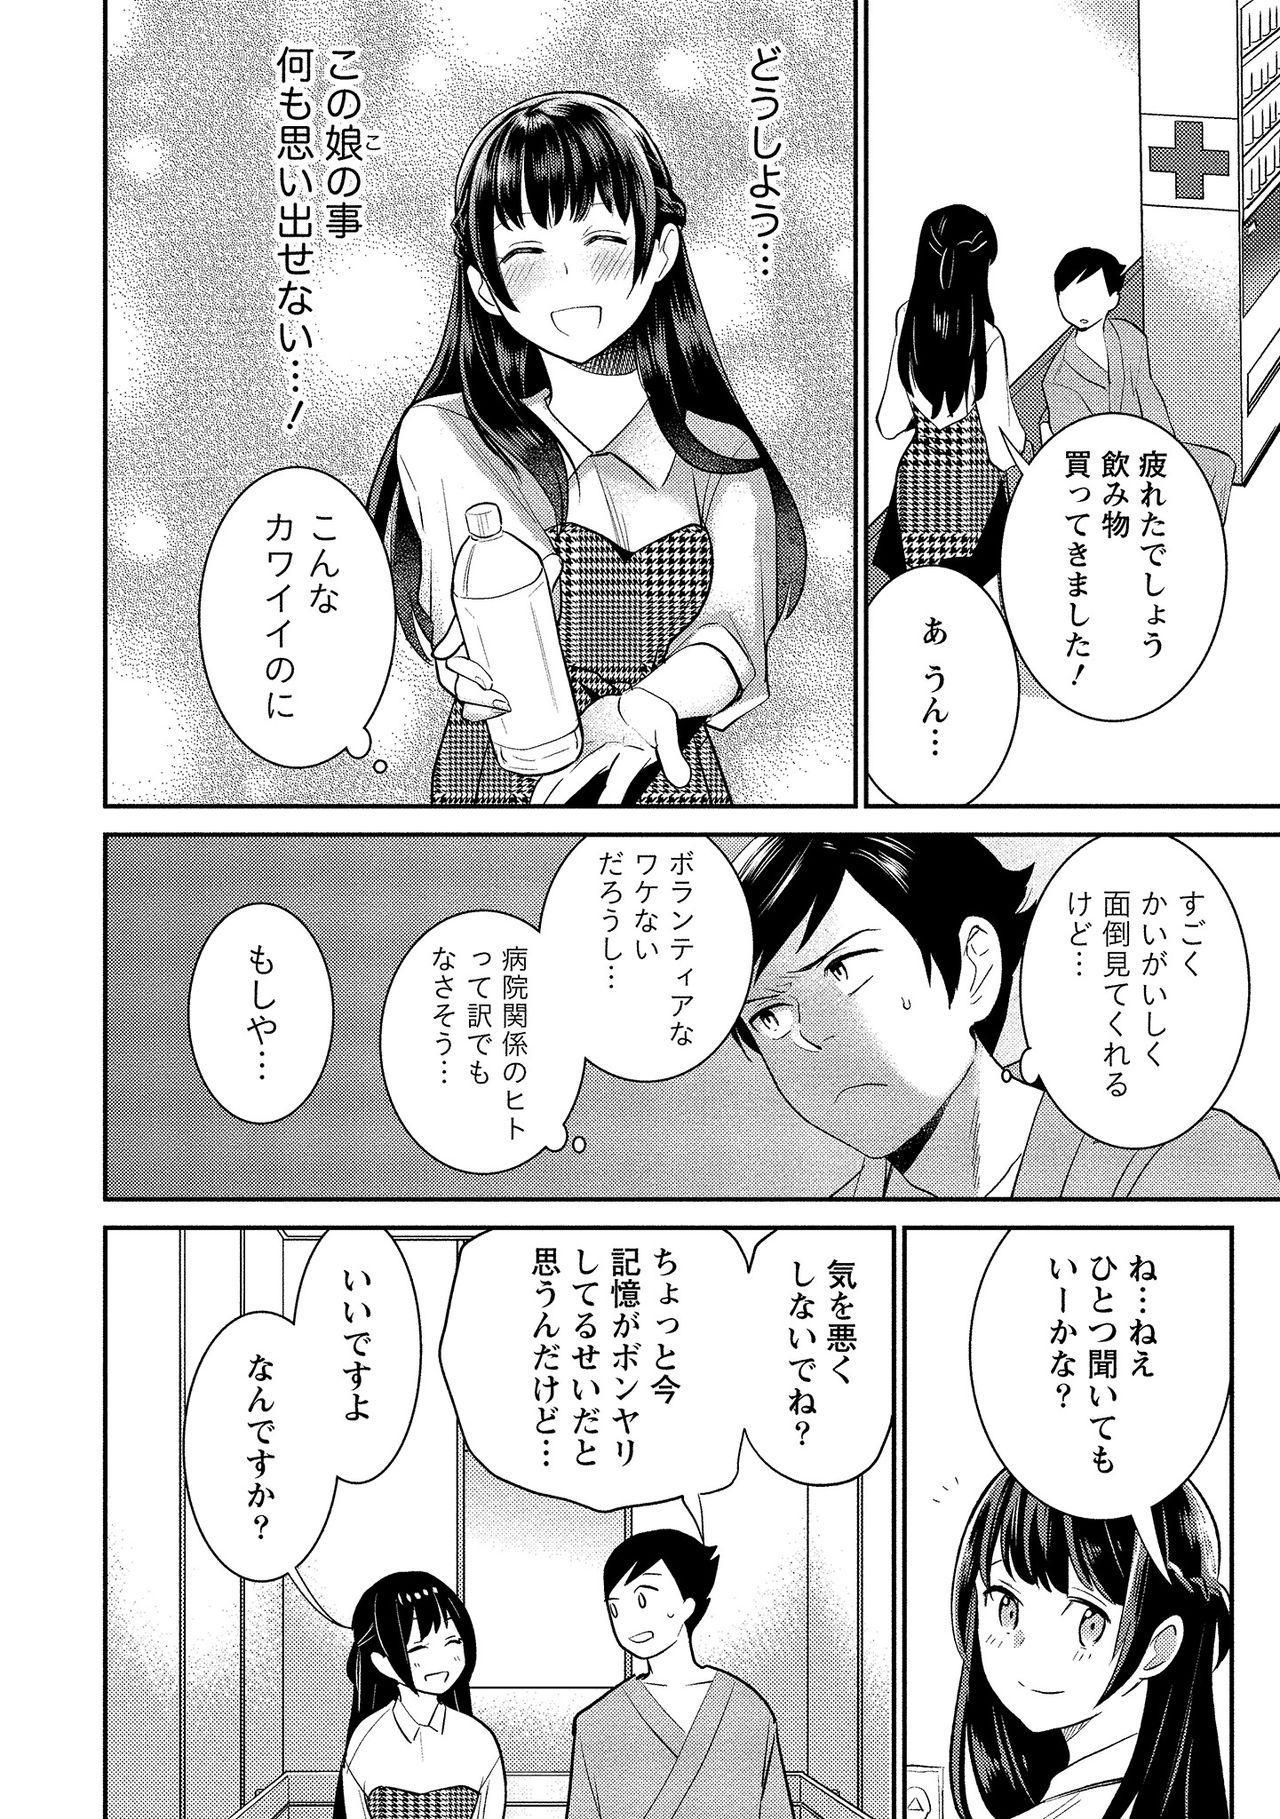 Dorobou Neko wa Kanojo no Hajimari 12